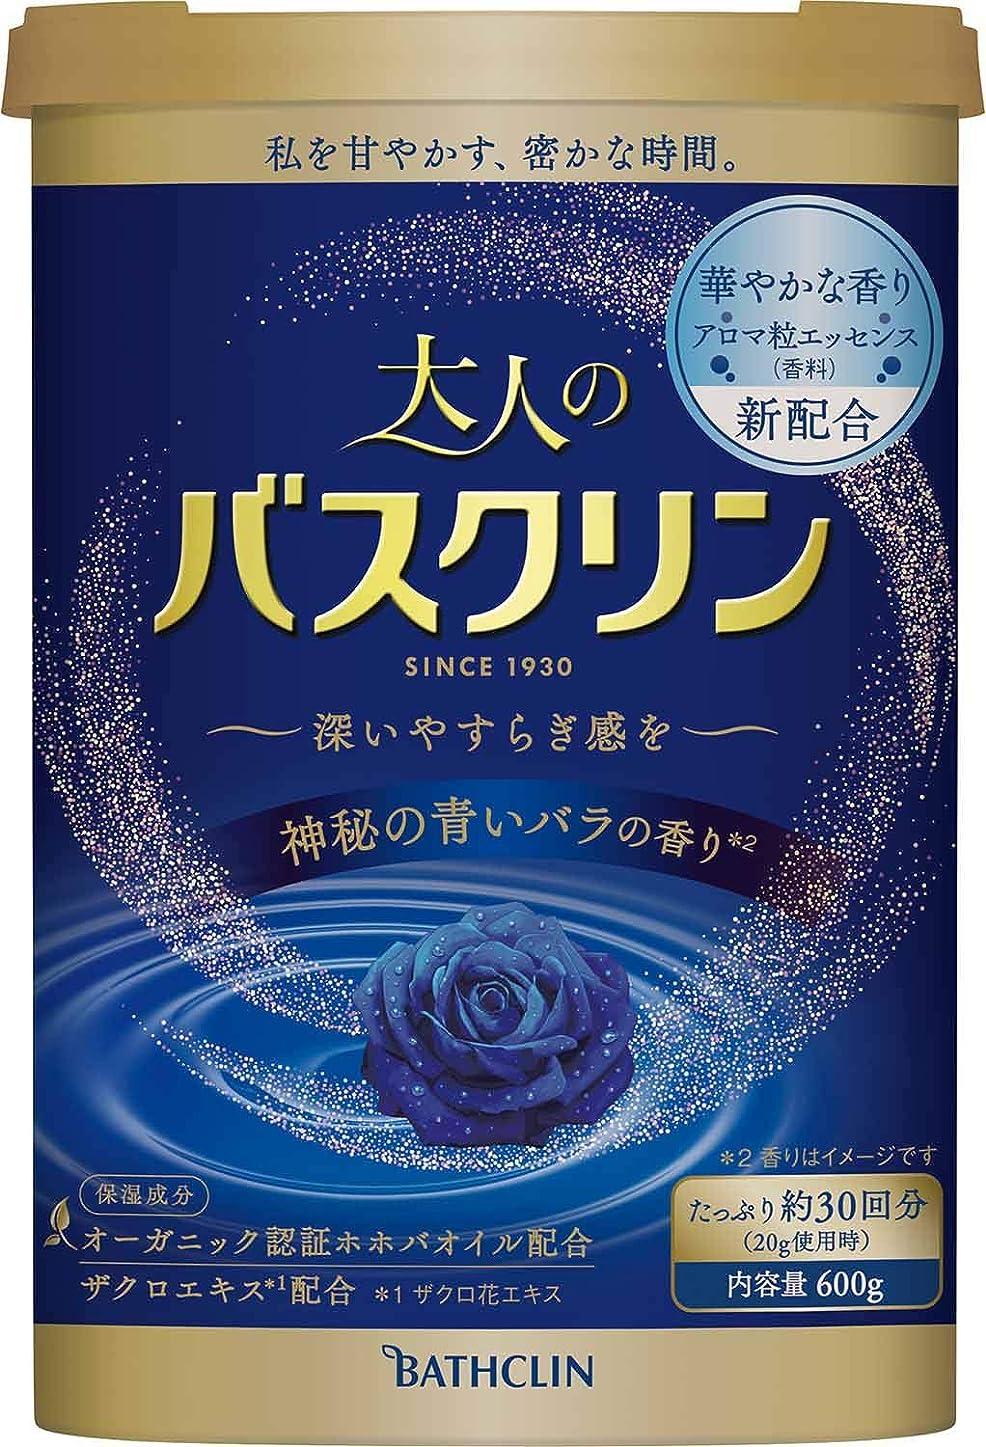 水曜日代名詞メール大人のバスクリン入浴剤 神秘の青いバラの香り600g(約30回分)